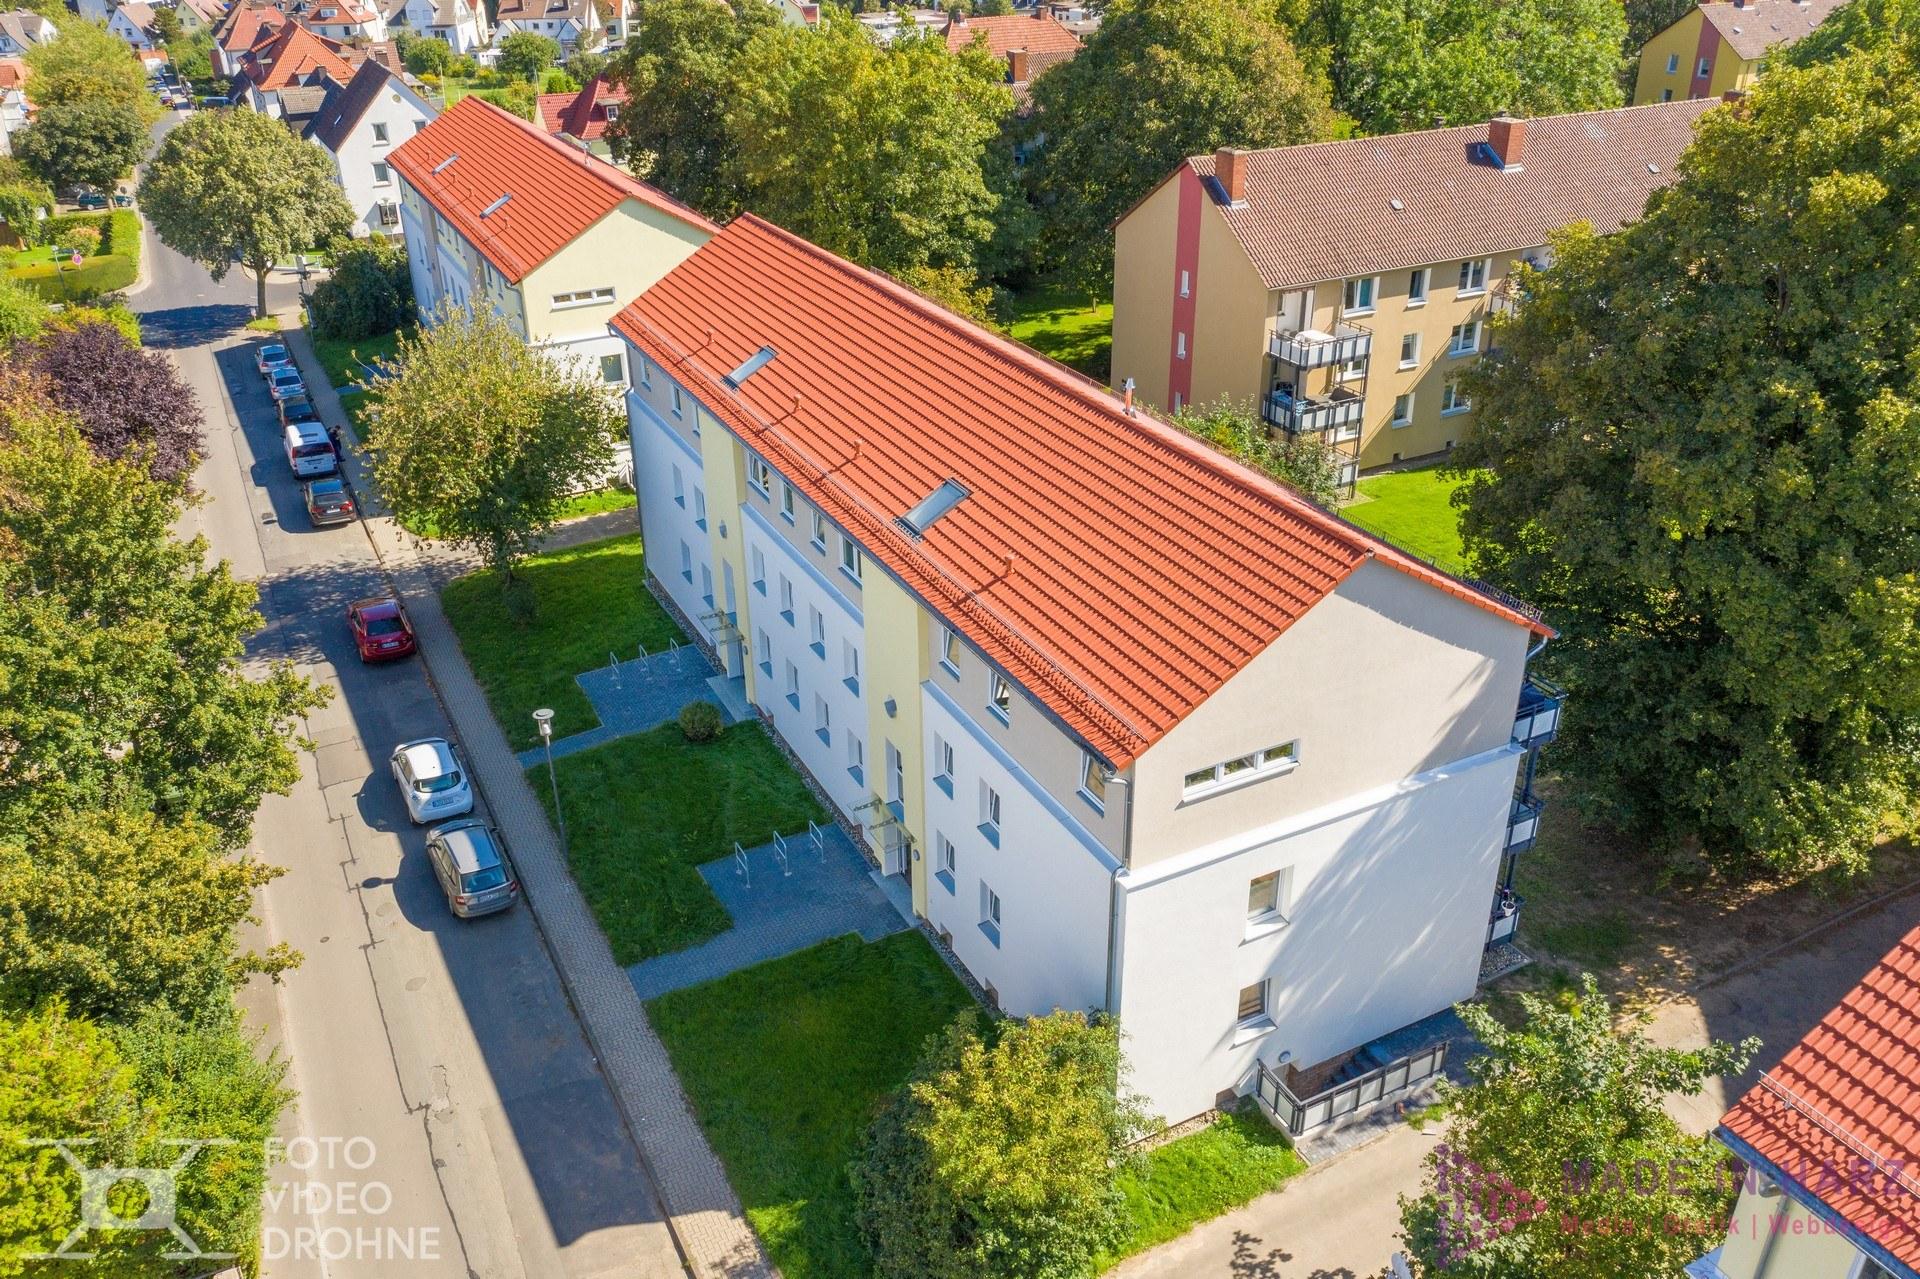 Luftaufnahmen Kassel Drohne